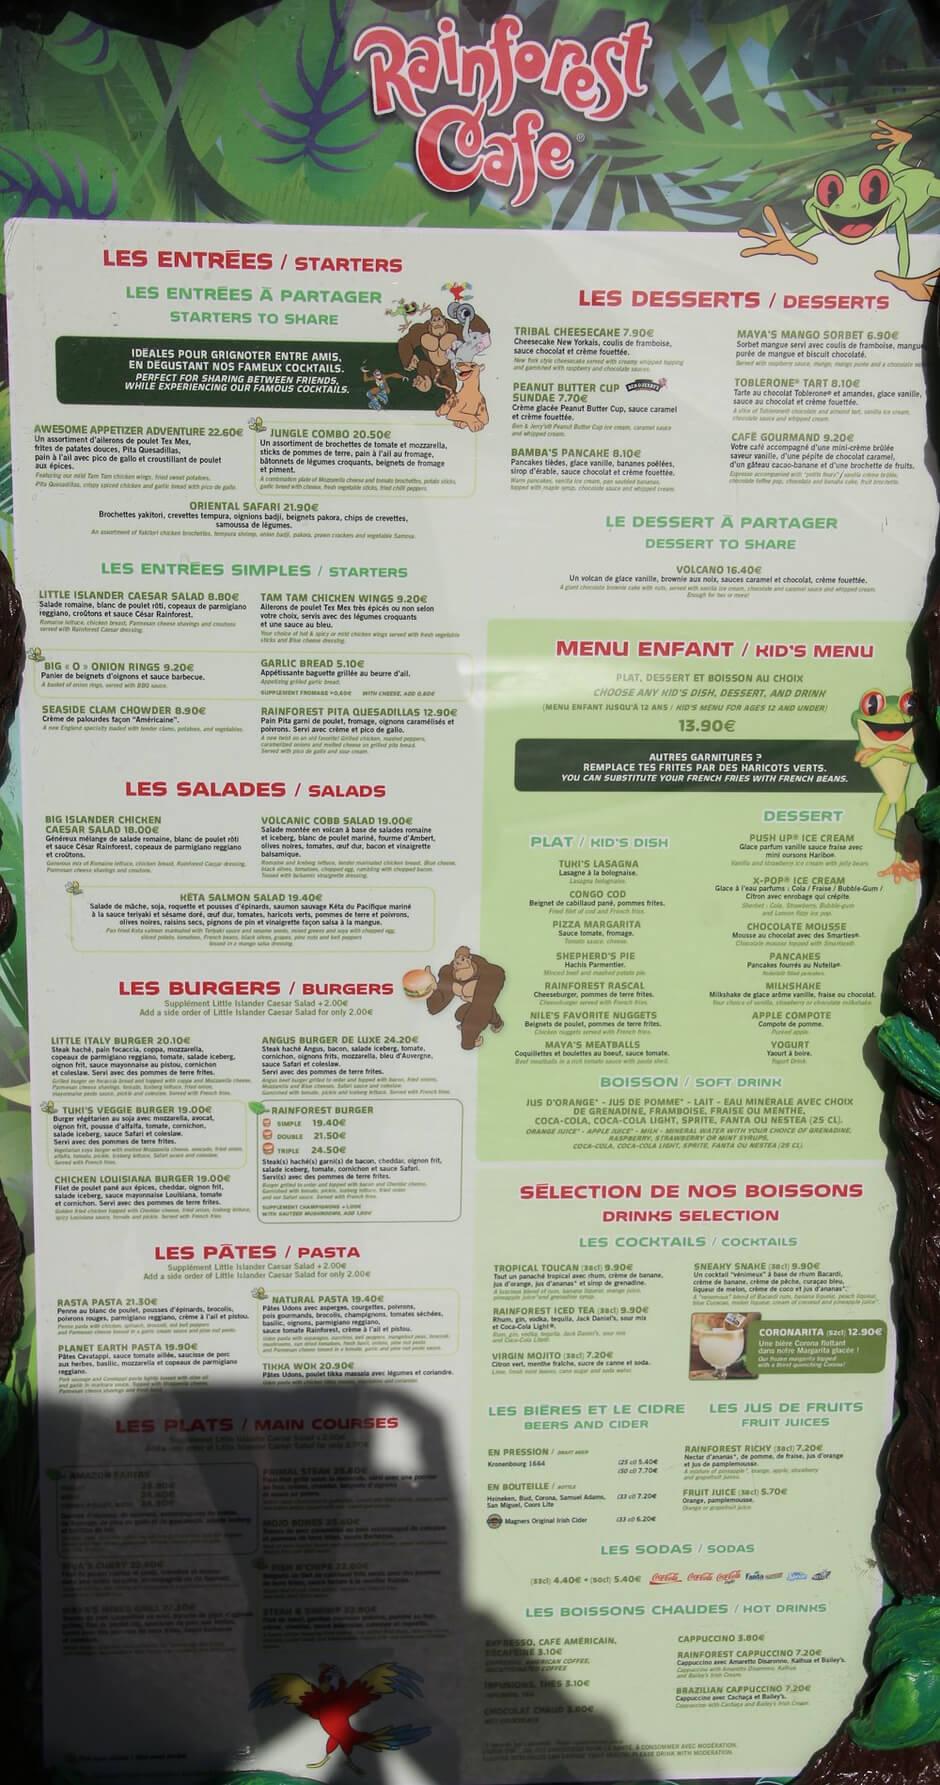 Speisekarte und Preise des Reainforest Café im Disney Village des Disneyland Paris